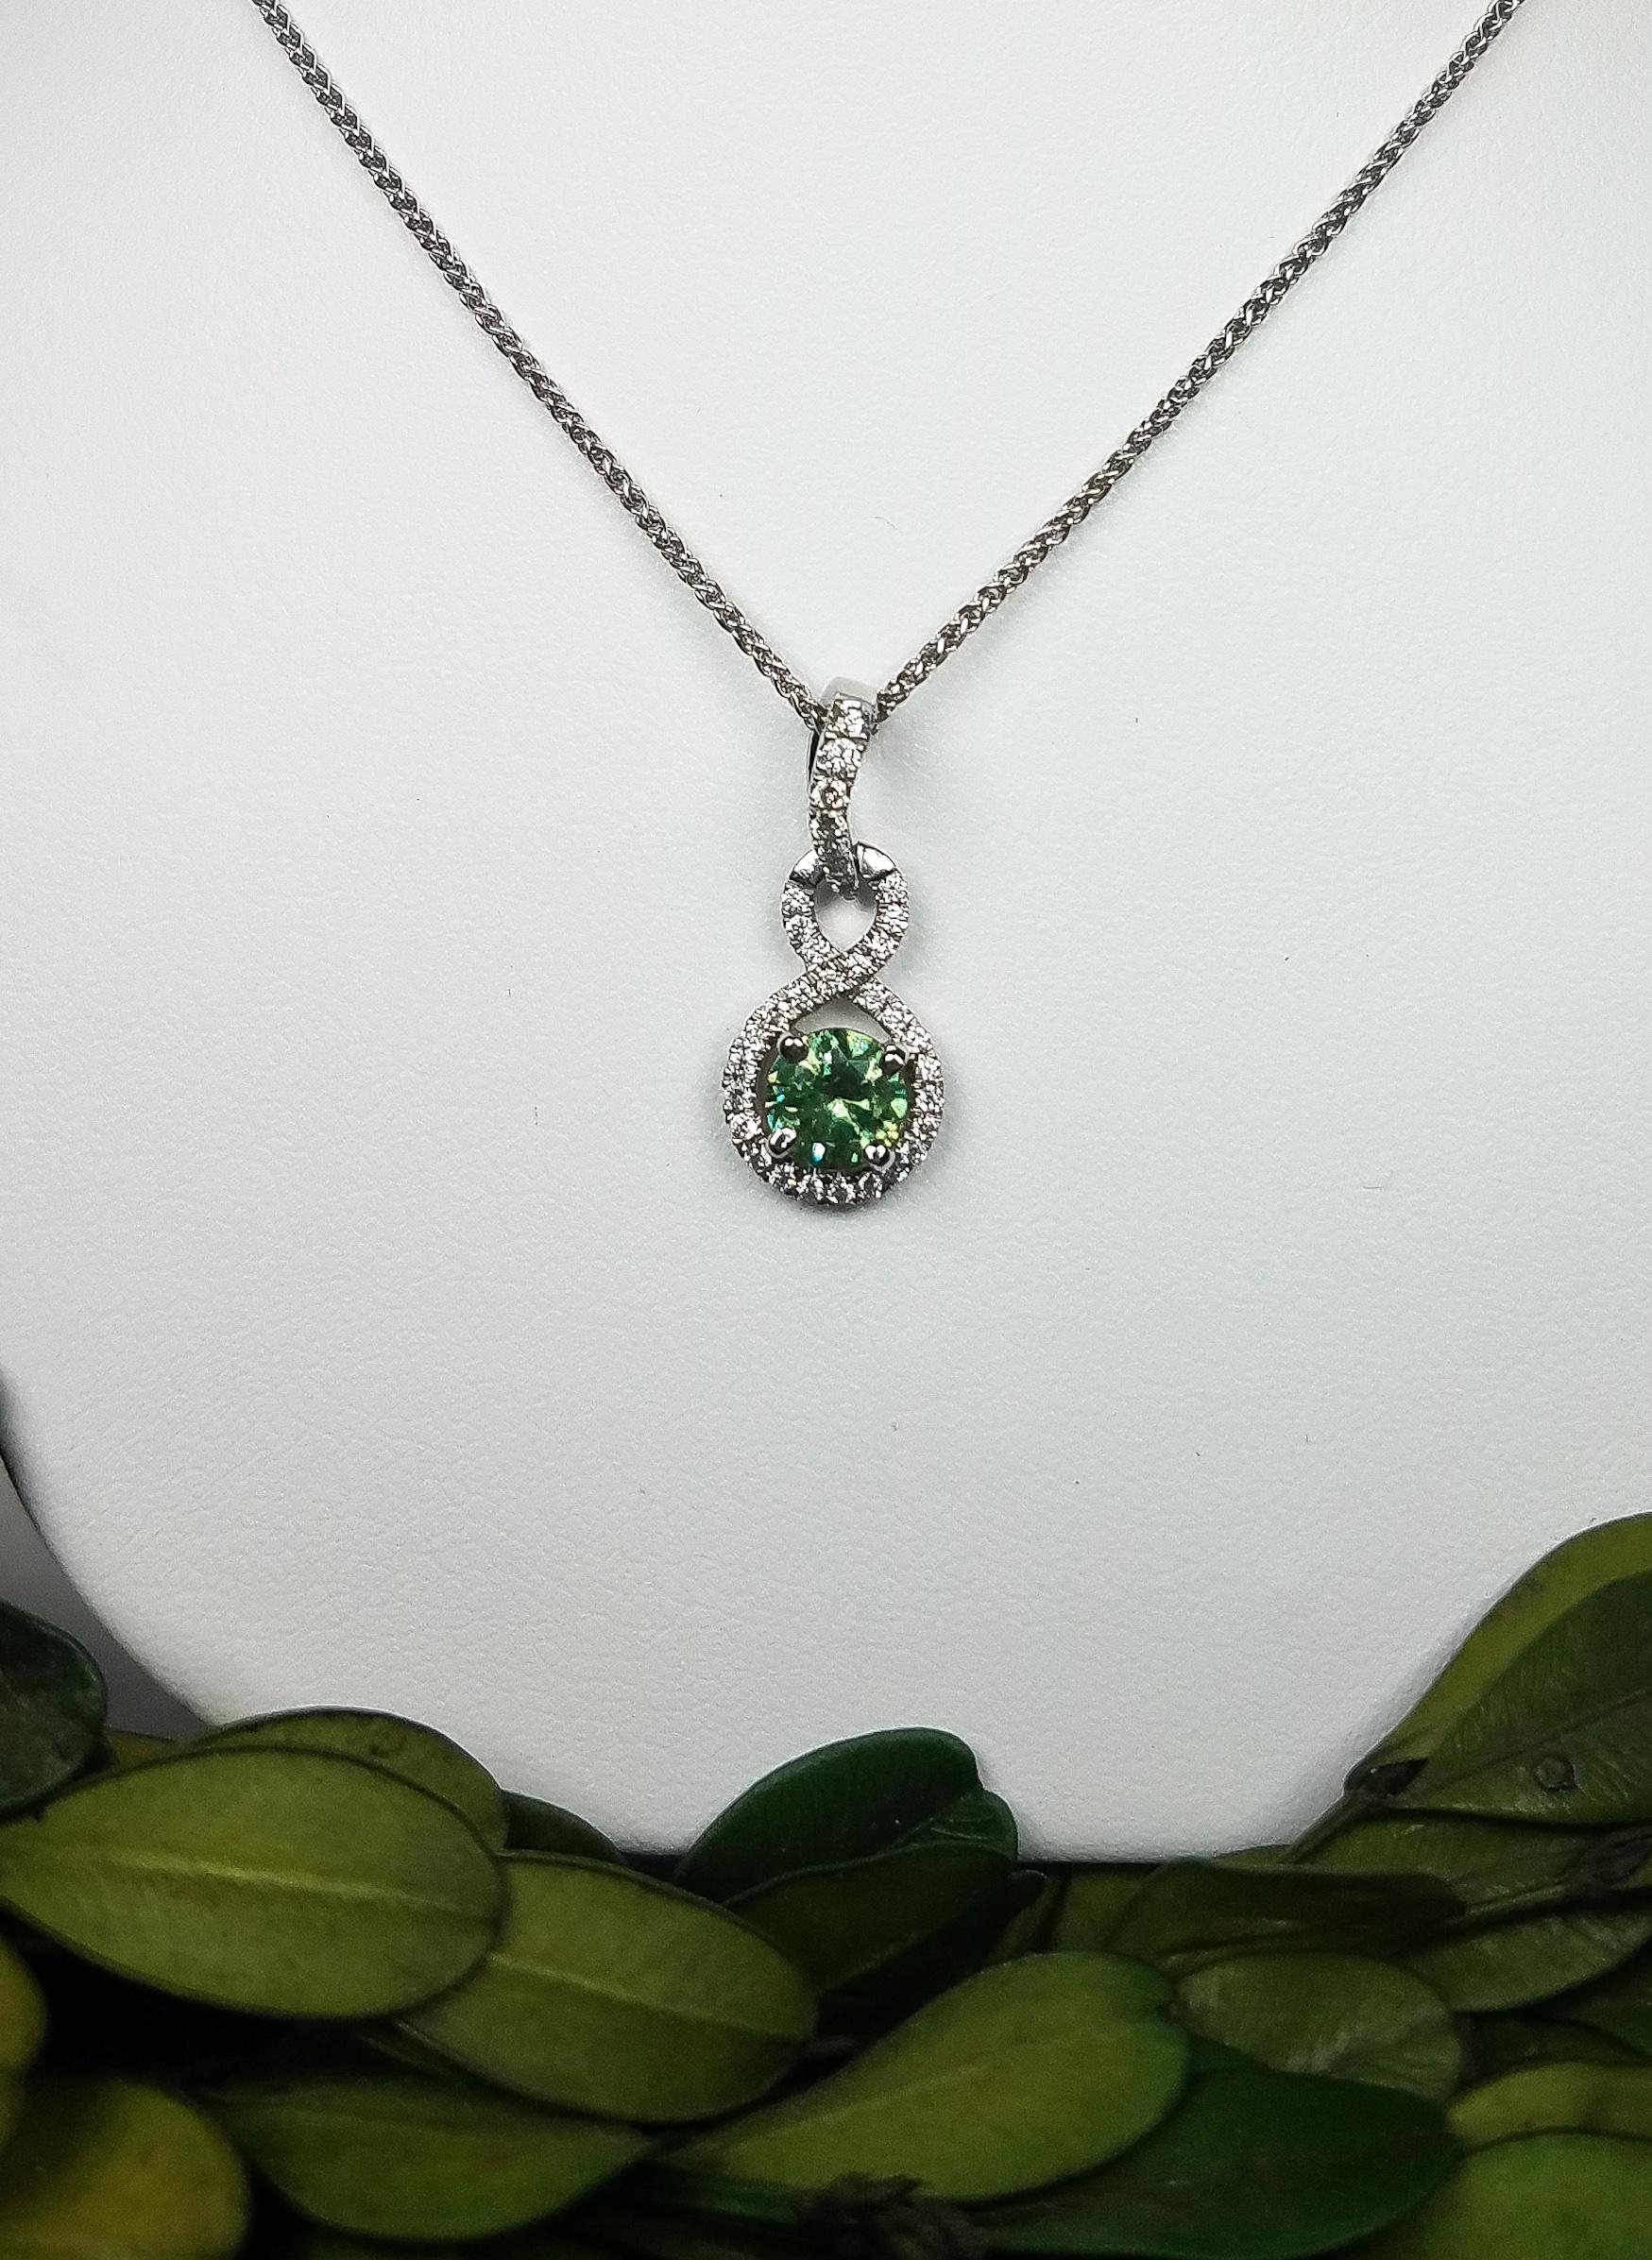 demantoid_diamond_pendant_redford_jewelers_holiday_2018.jpeg